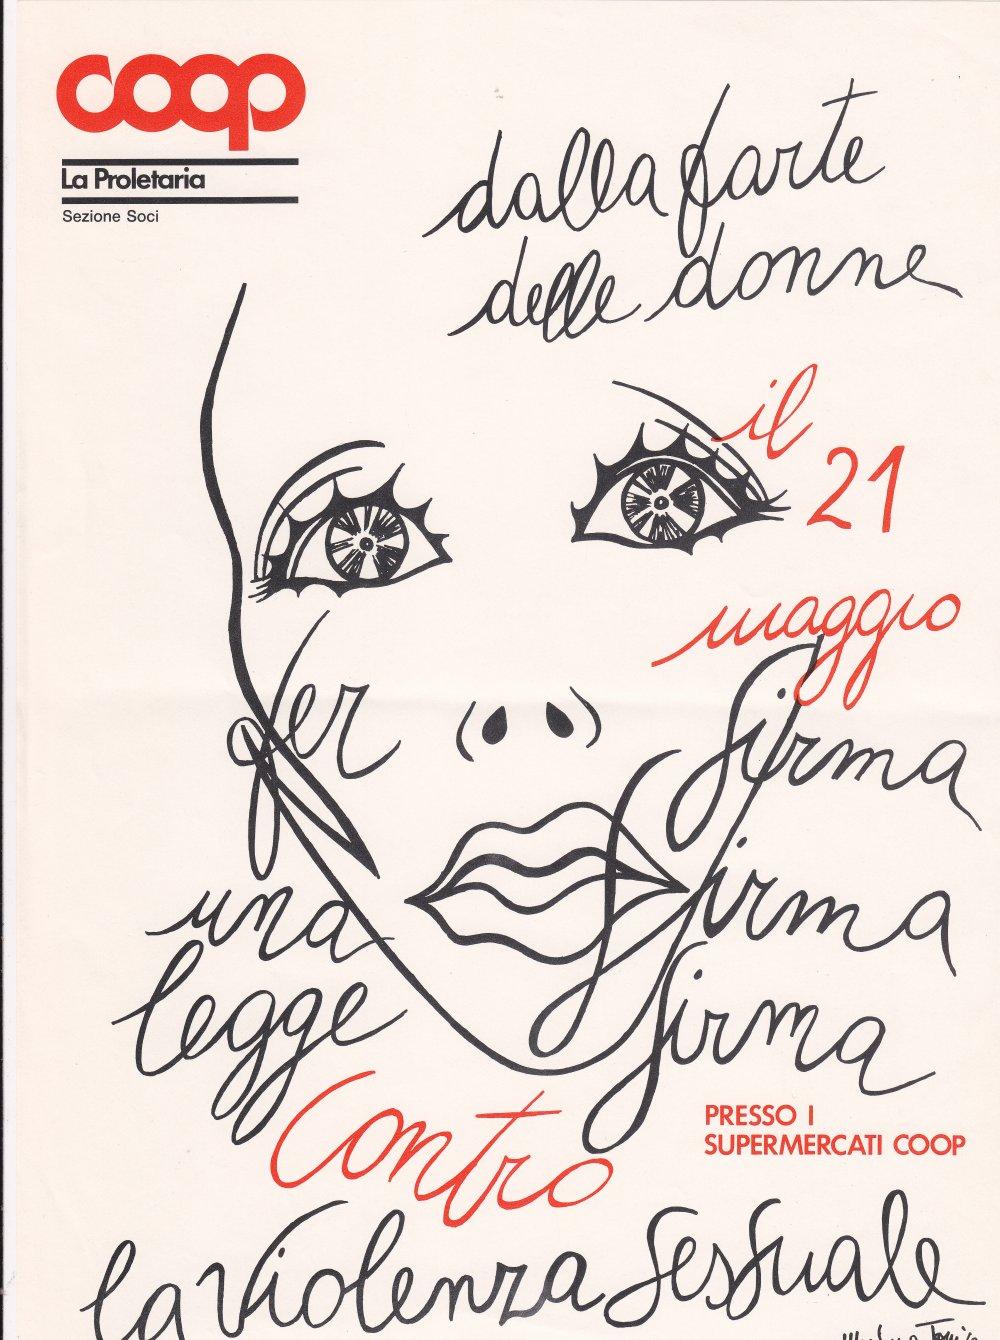 Dalla parte delle donne raccolta  firme contro la  violenza sessuale 1988 (Archivio Storico Unicoop Tirreno)